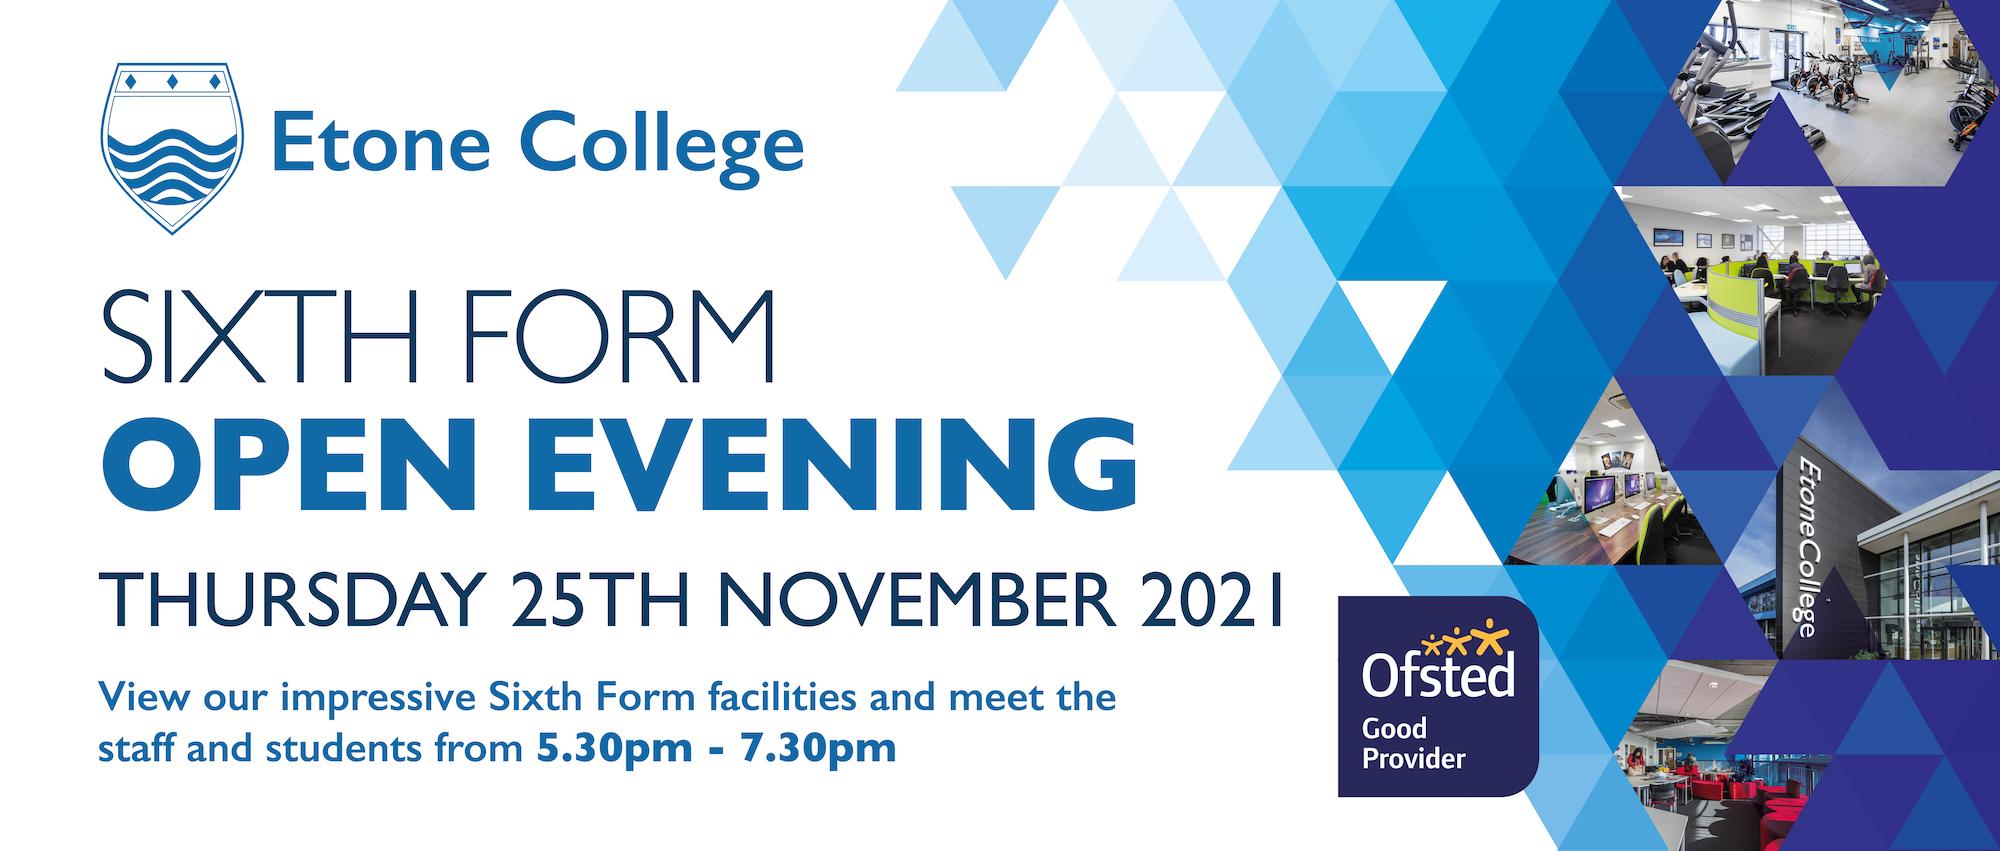 Etone College Open Evening Banner 2019 2